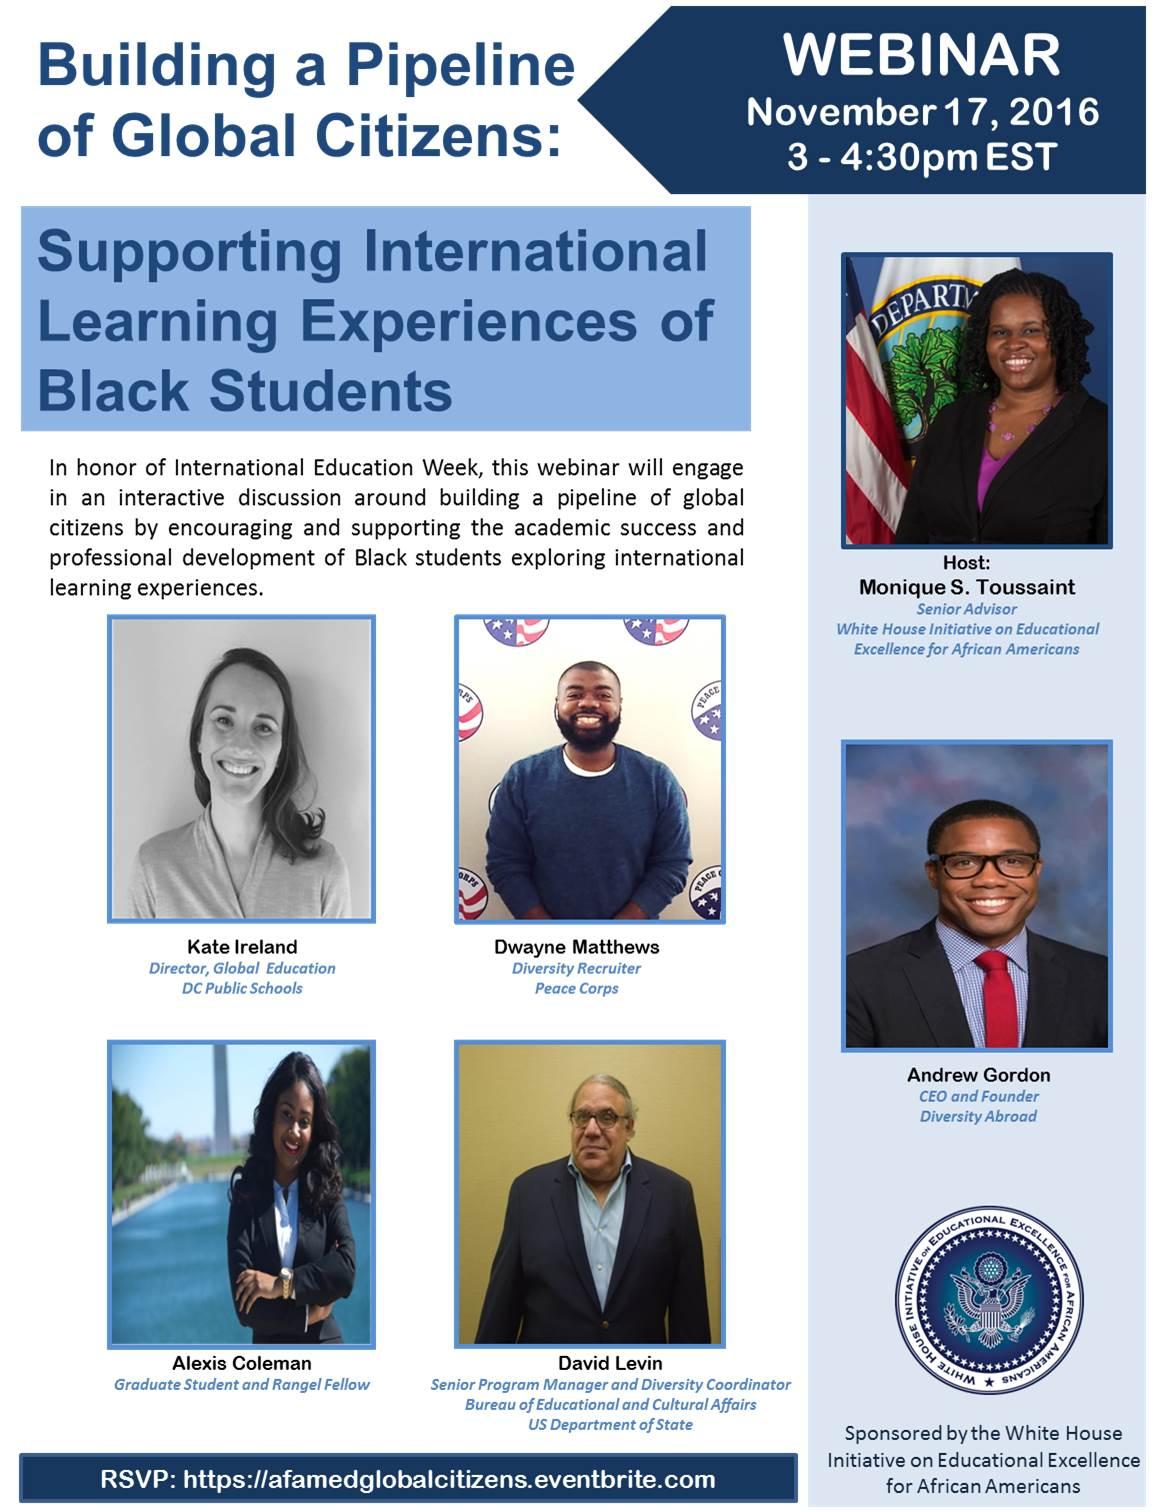 International Education Week Webinar Flyer with Speaker Information